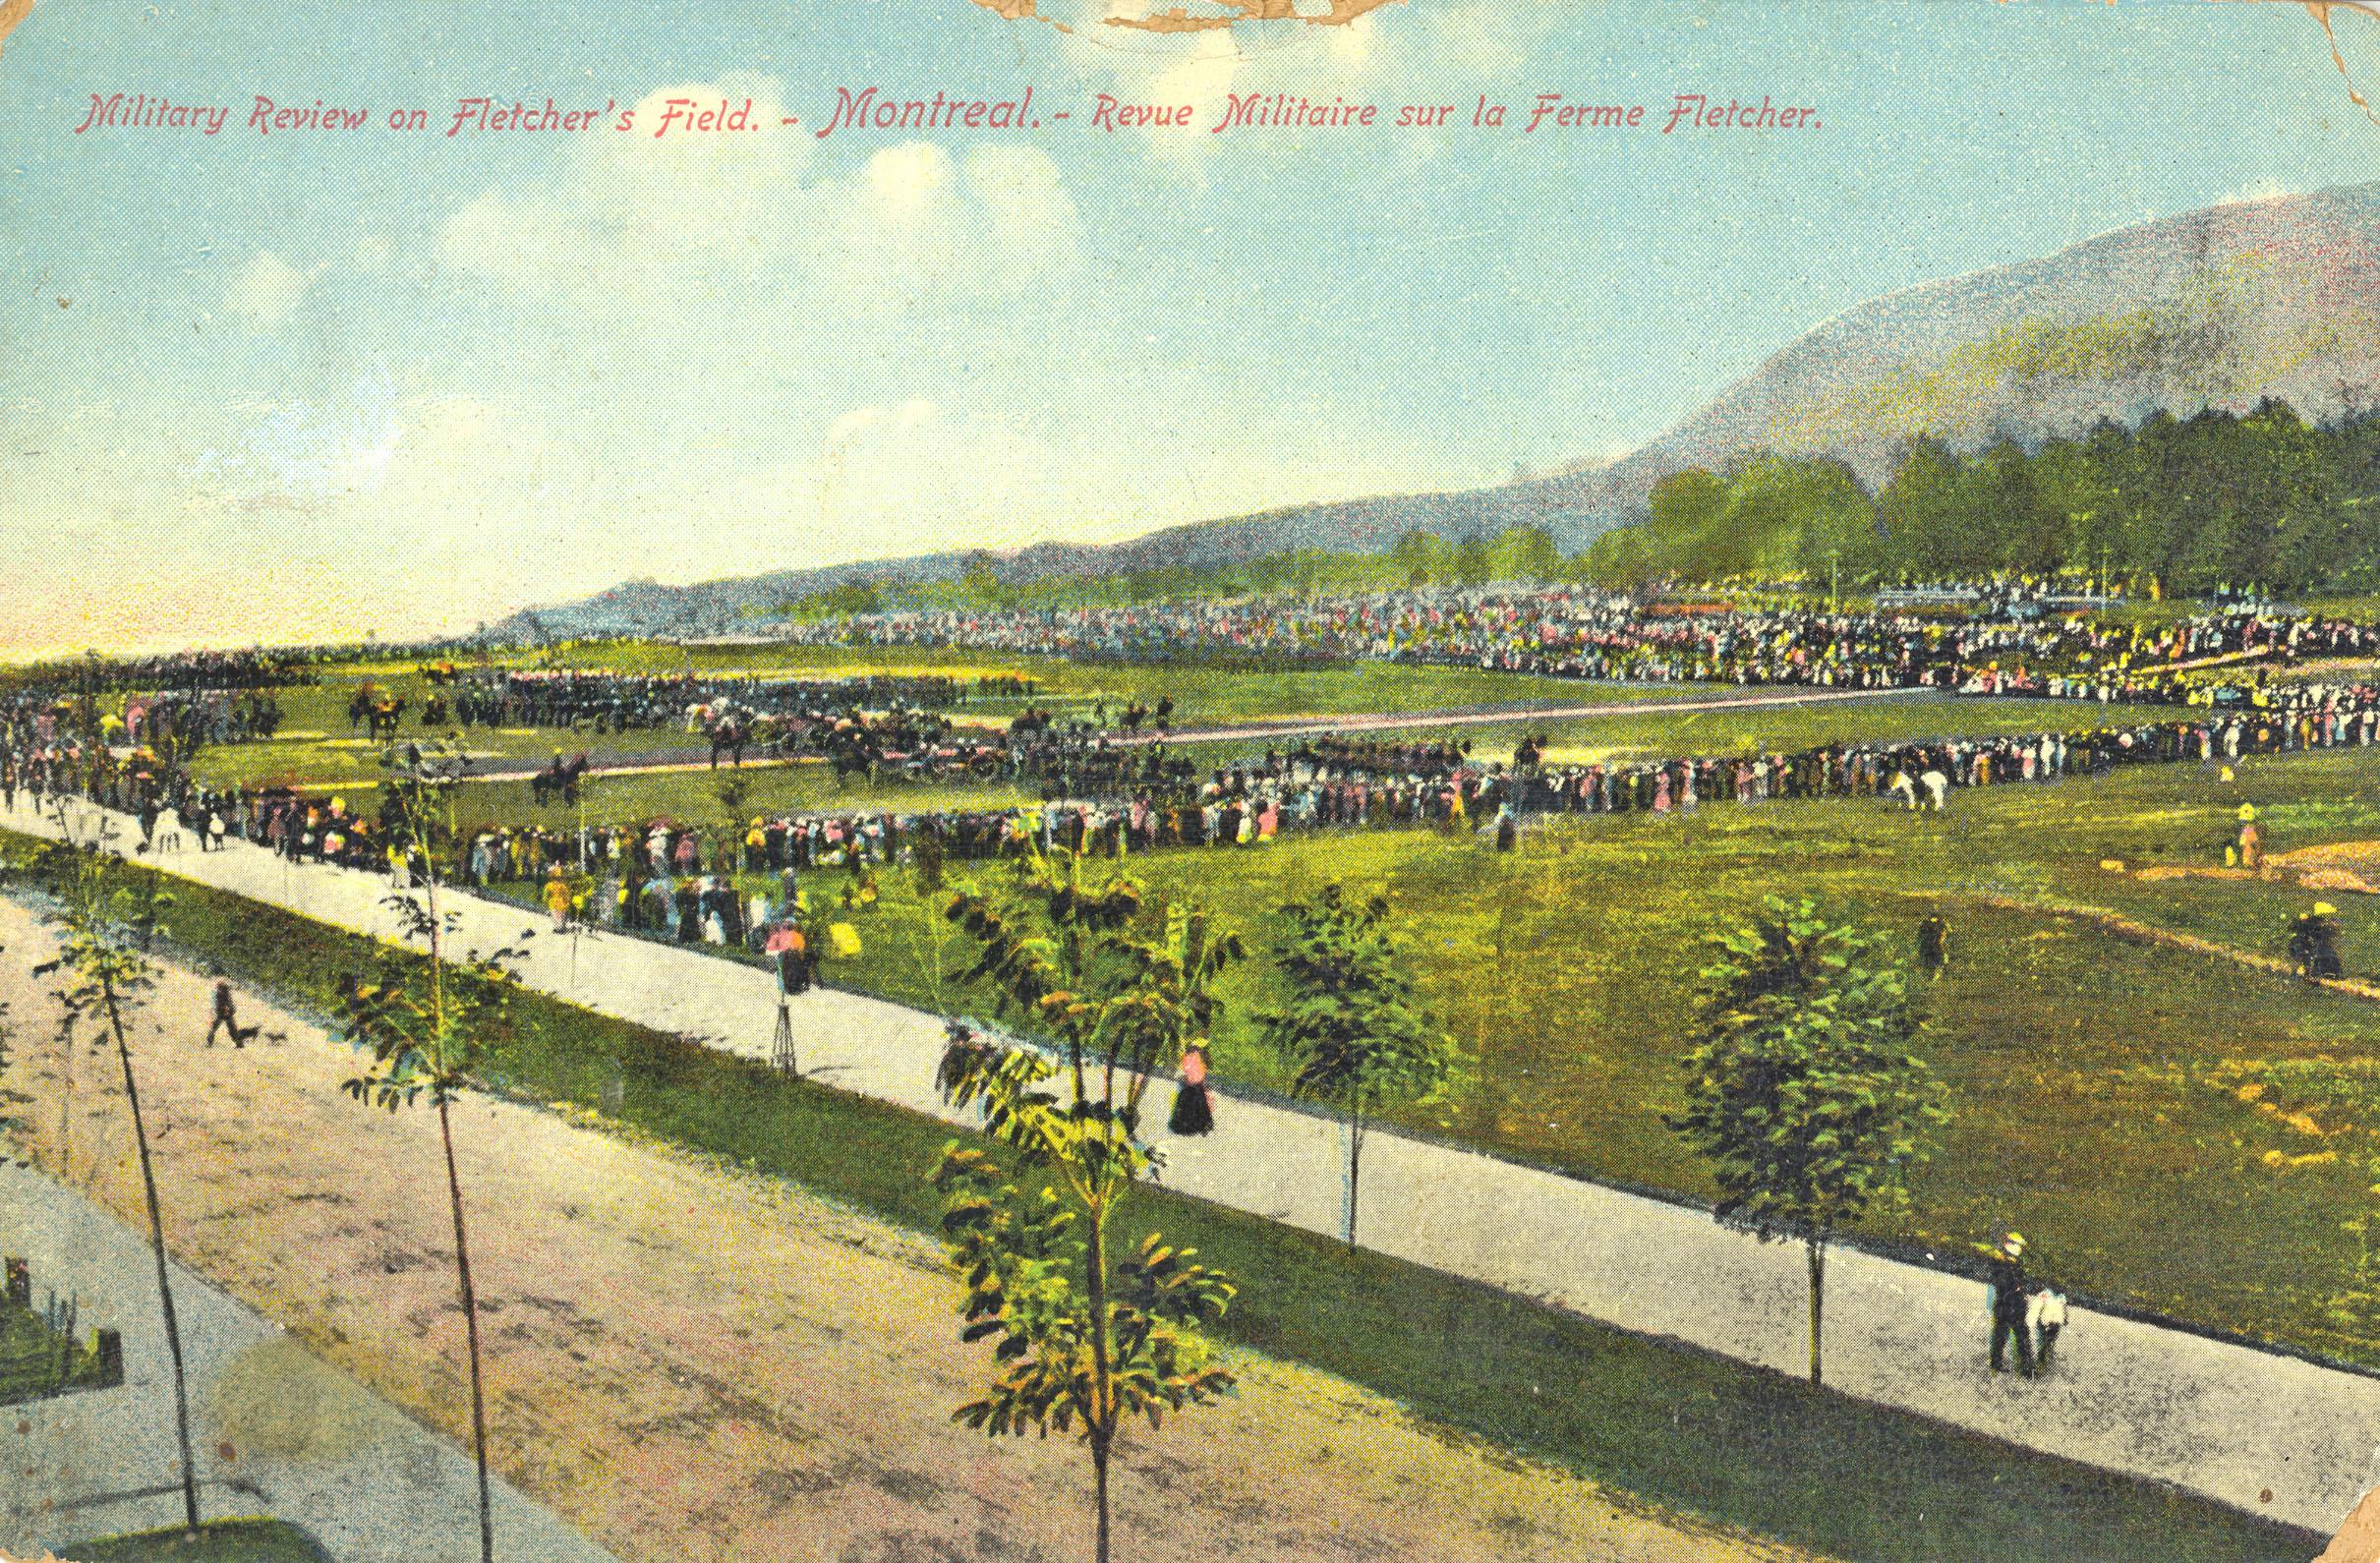 Carte postale montrant une revue militaire sur la ferme Fletcher.